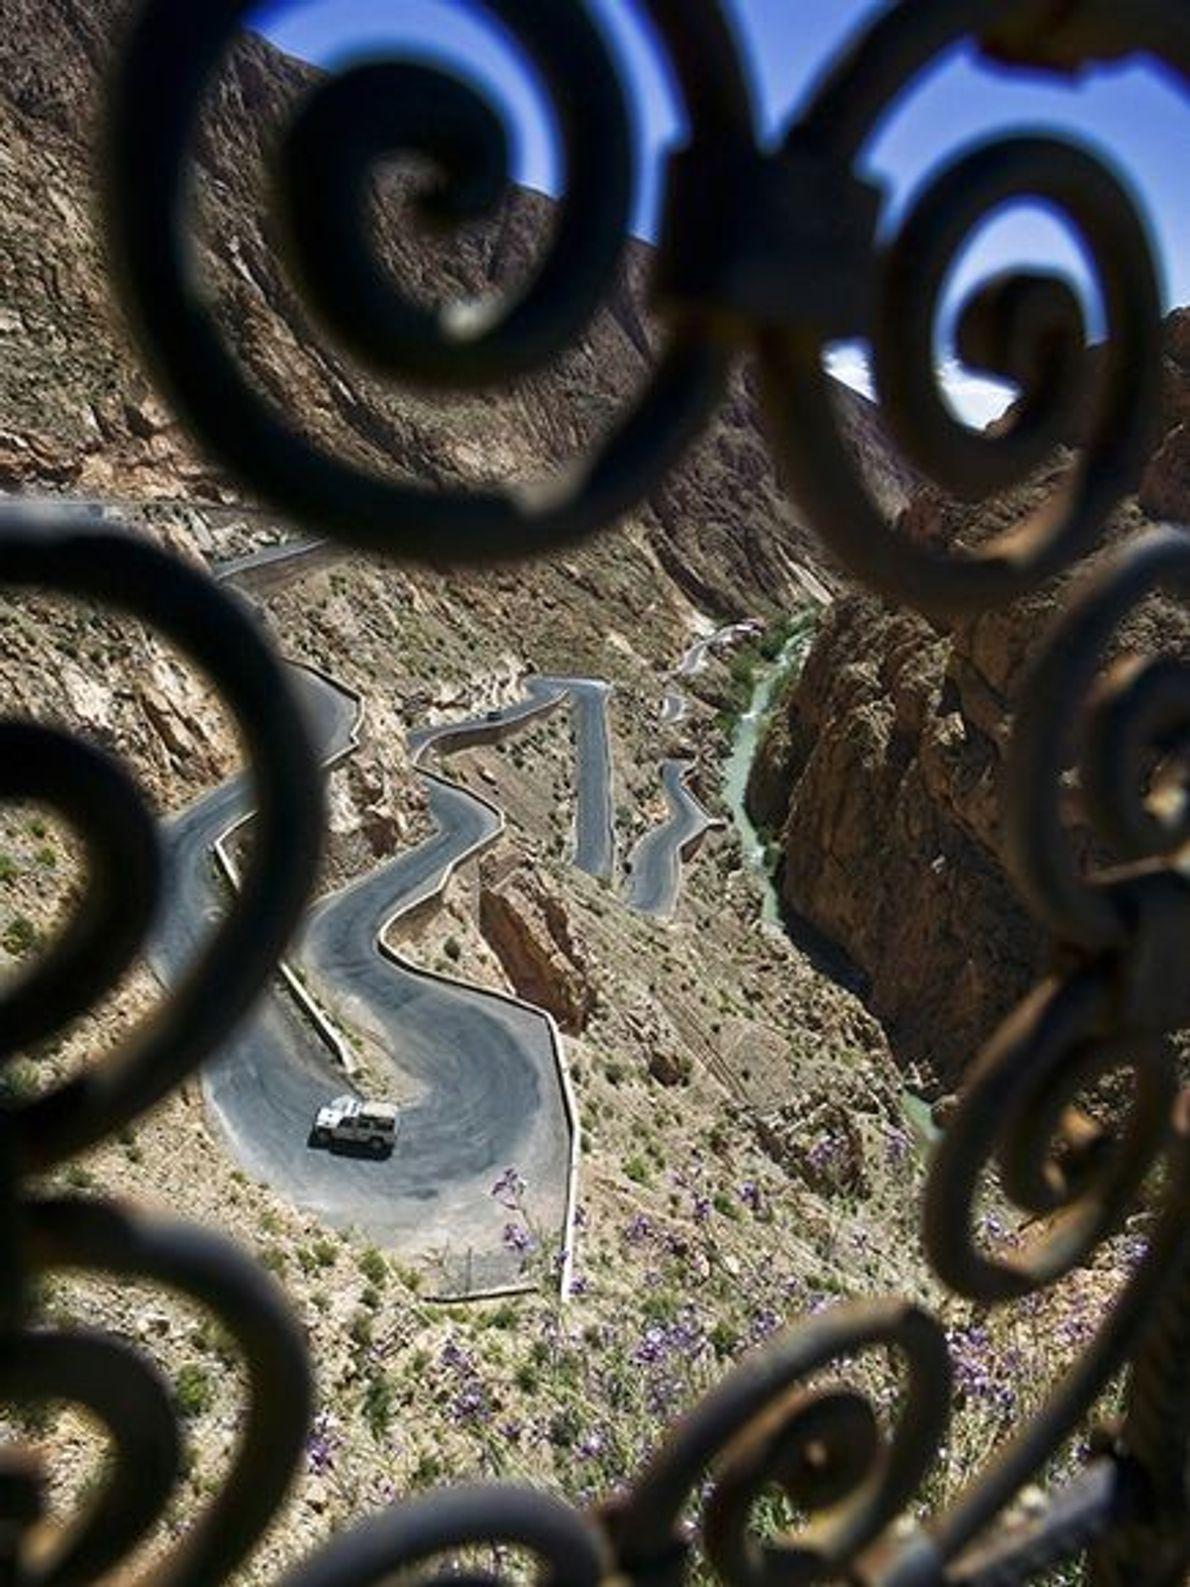 Marruecos: Una vuelta en la alfombra mágica